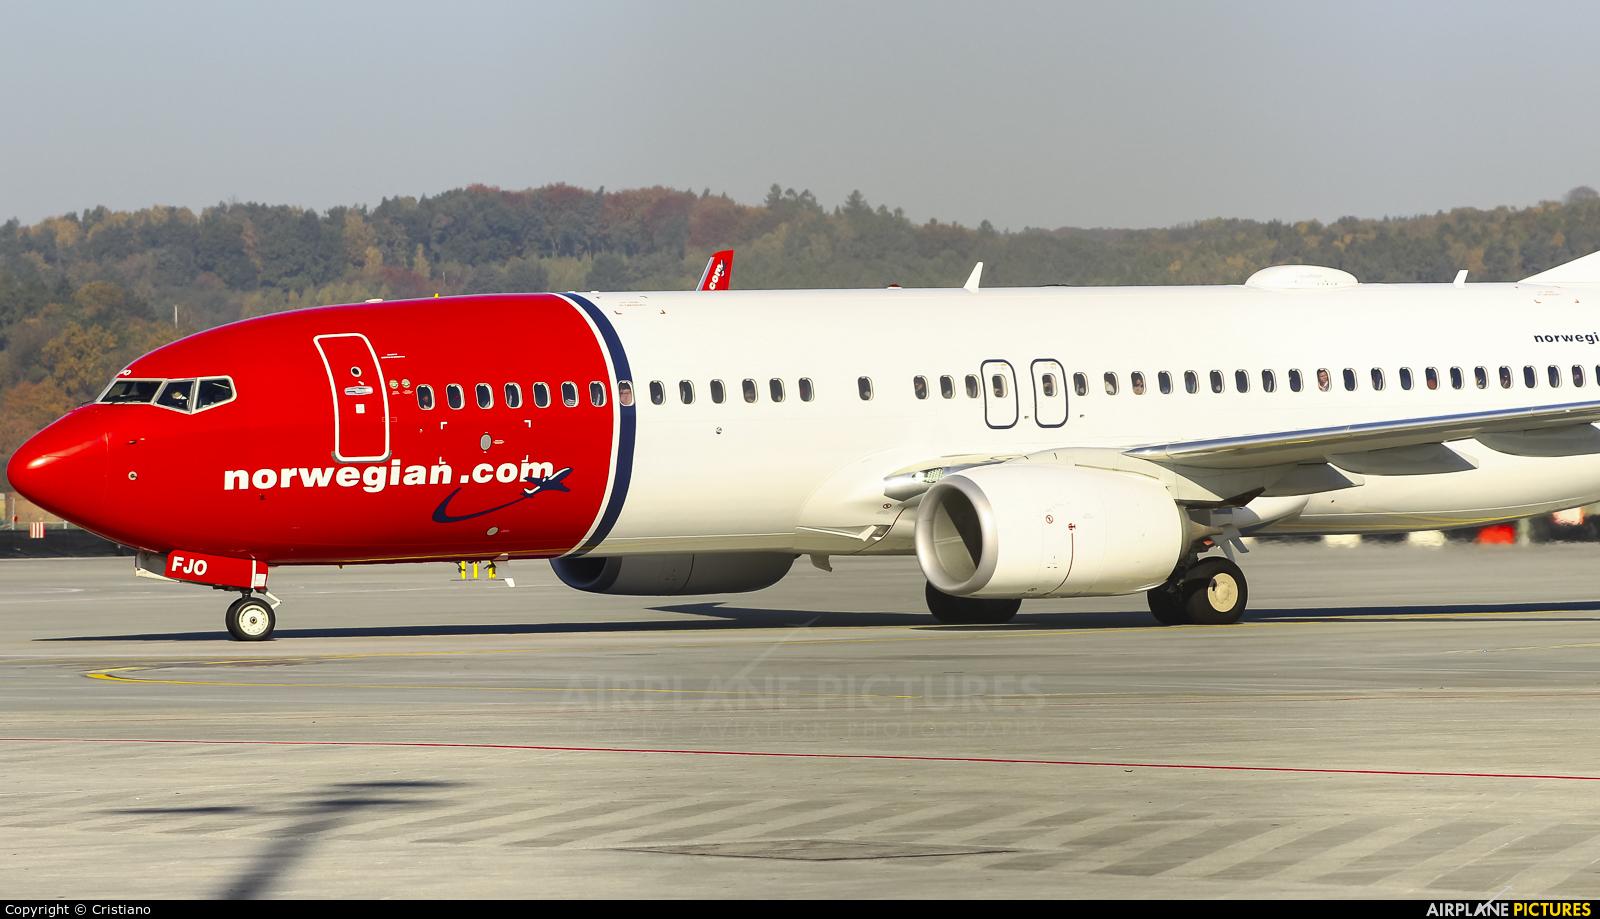 Norwegian Air International EI-FJO aircraft at Kraków - John Paul II Intl